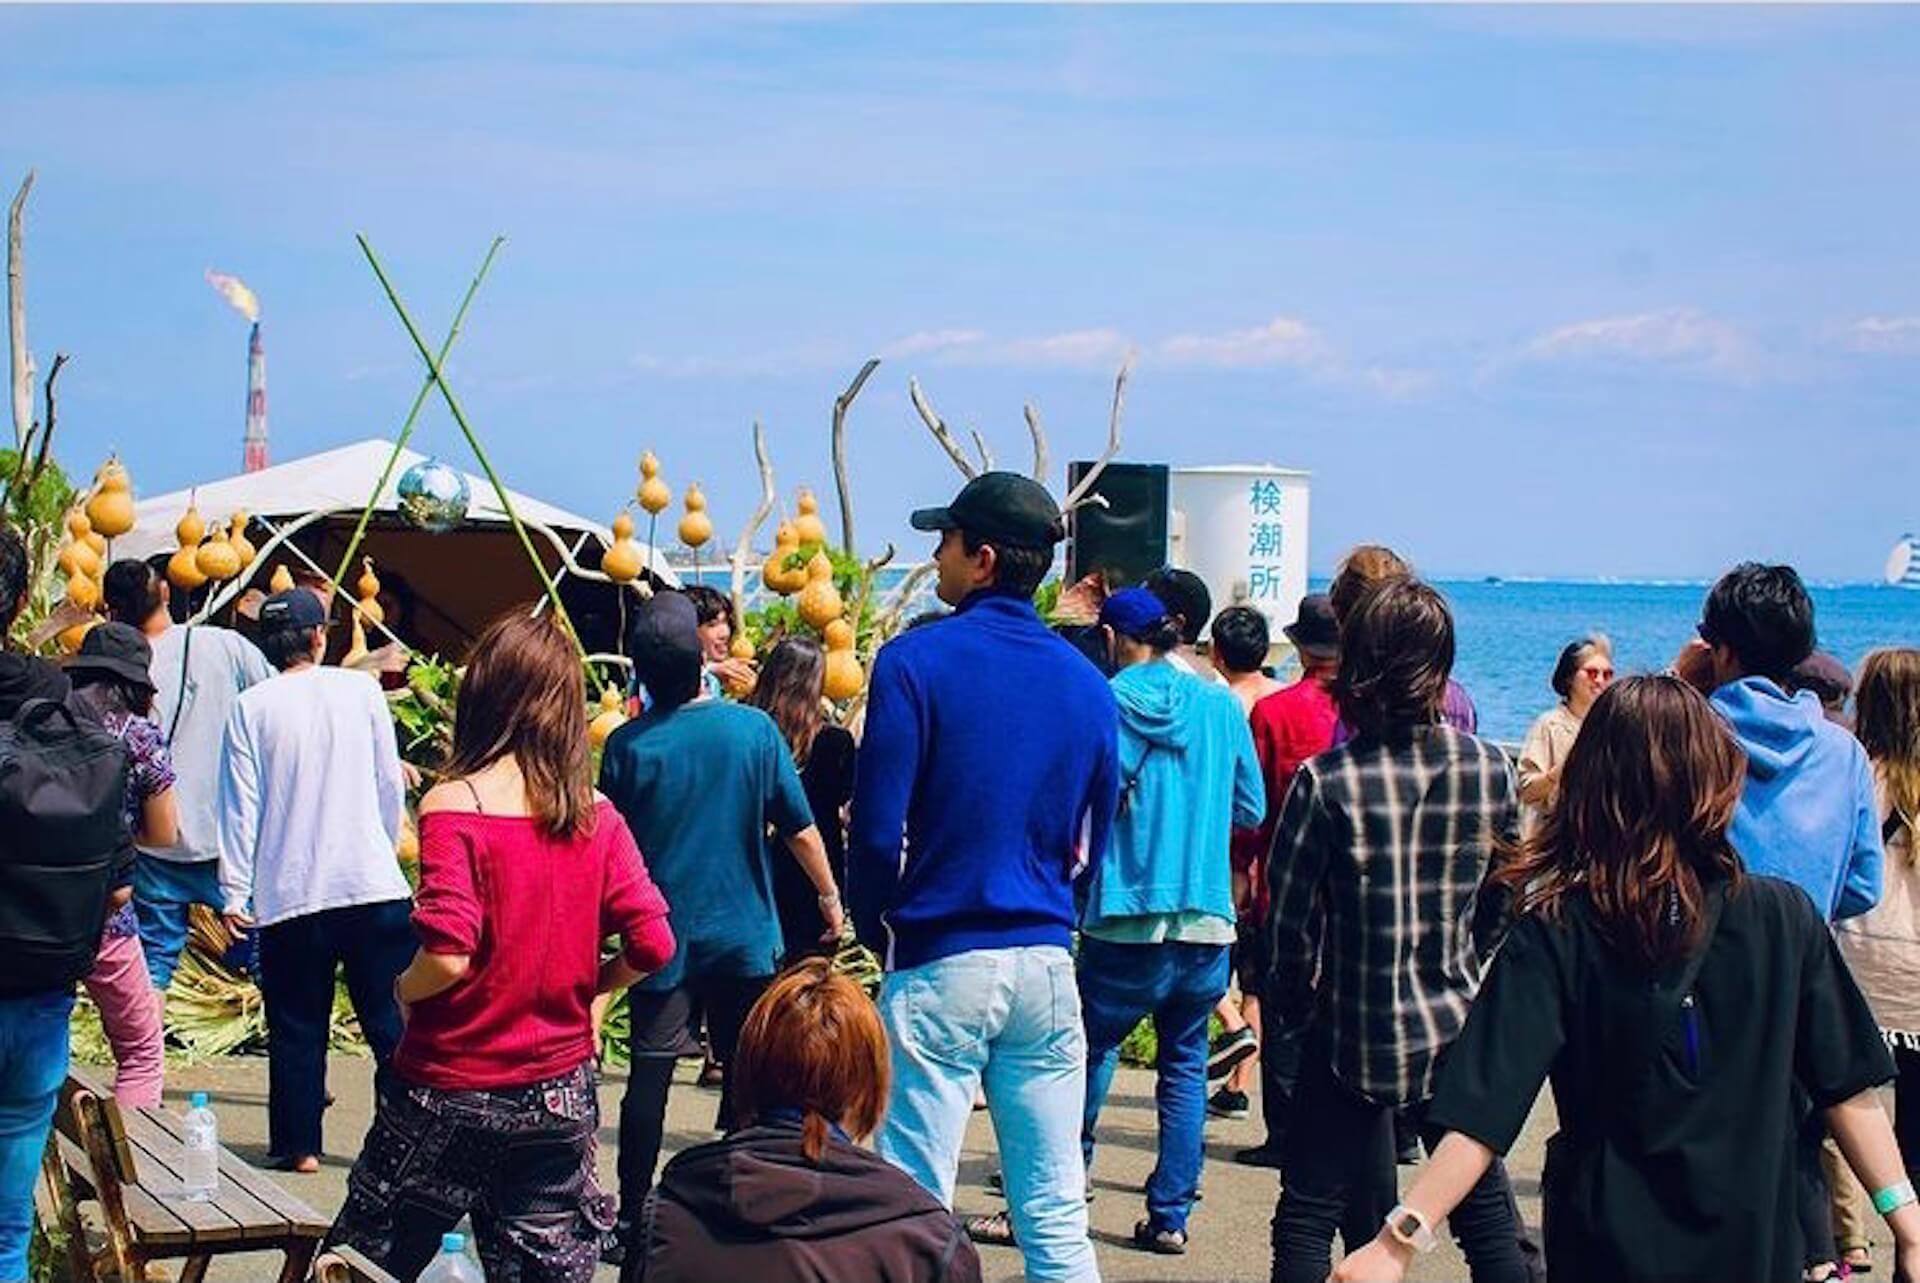 10月開催の<Brightness Open Air 2021 Autumn>第1弾ラインナップが発表!KEN ISHII、REE.K、HIROSHI WATANABE a.k.a KAITOら20組超え music210805_brightness-open-air_8